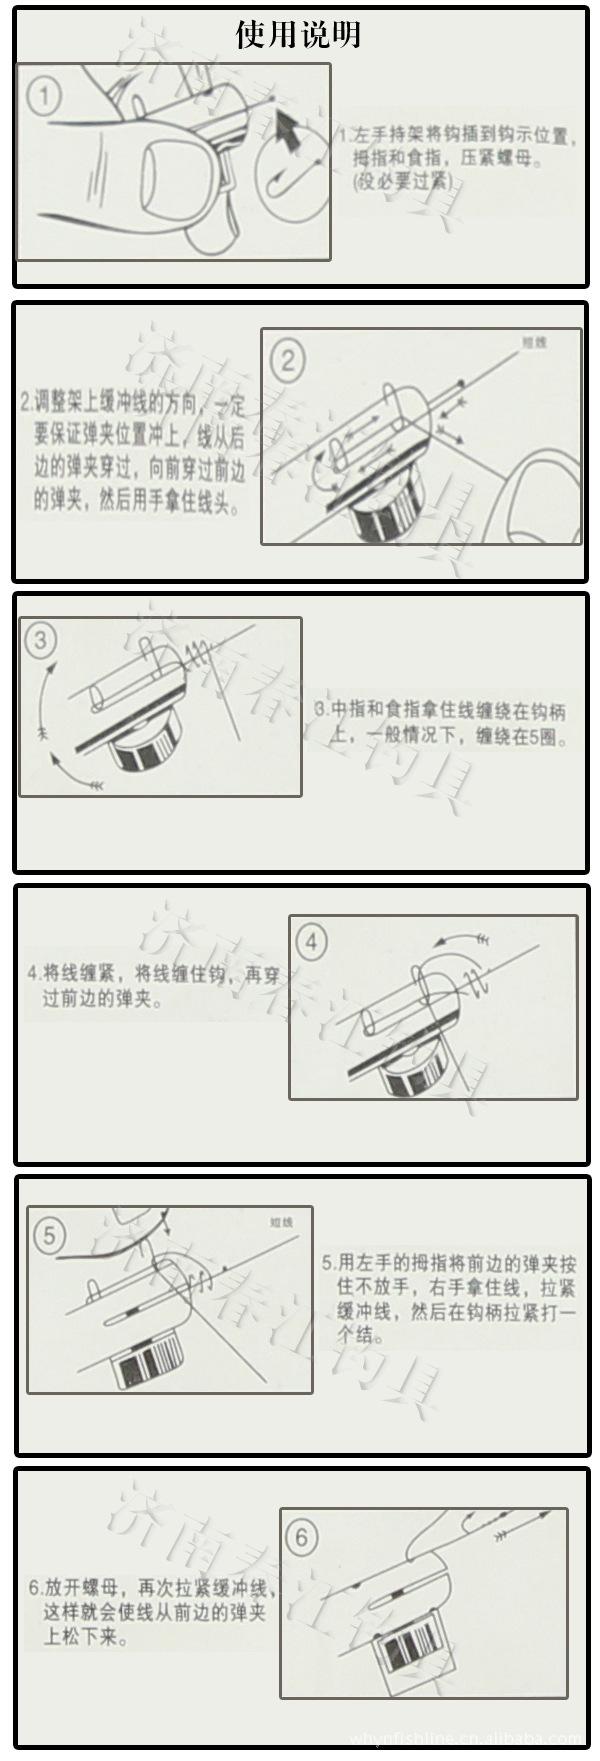 ... 钩的绑法图解_绑串钩的方法图解_绑钩器 视频 - 黑马